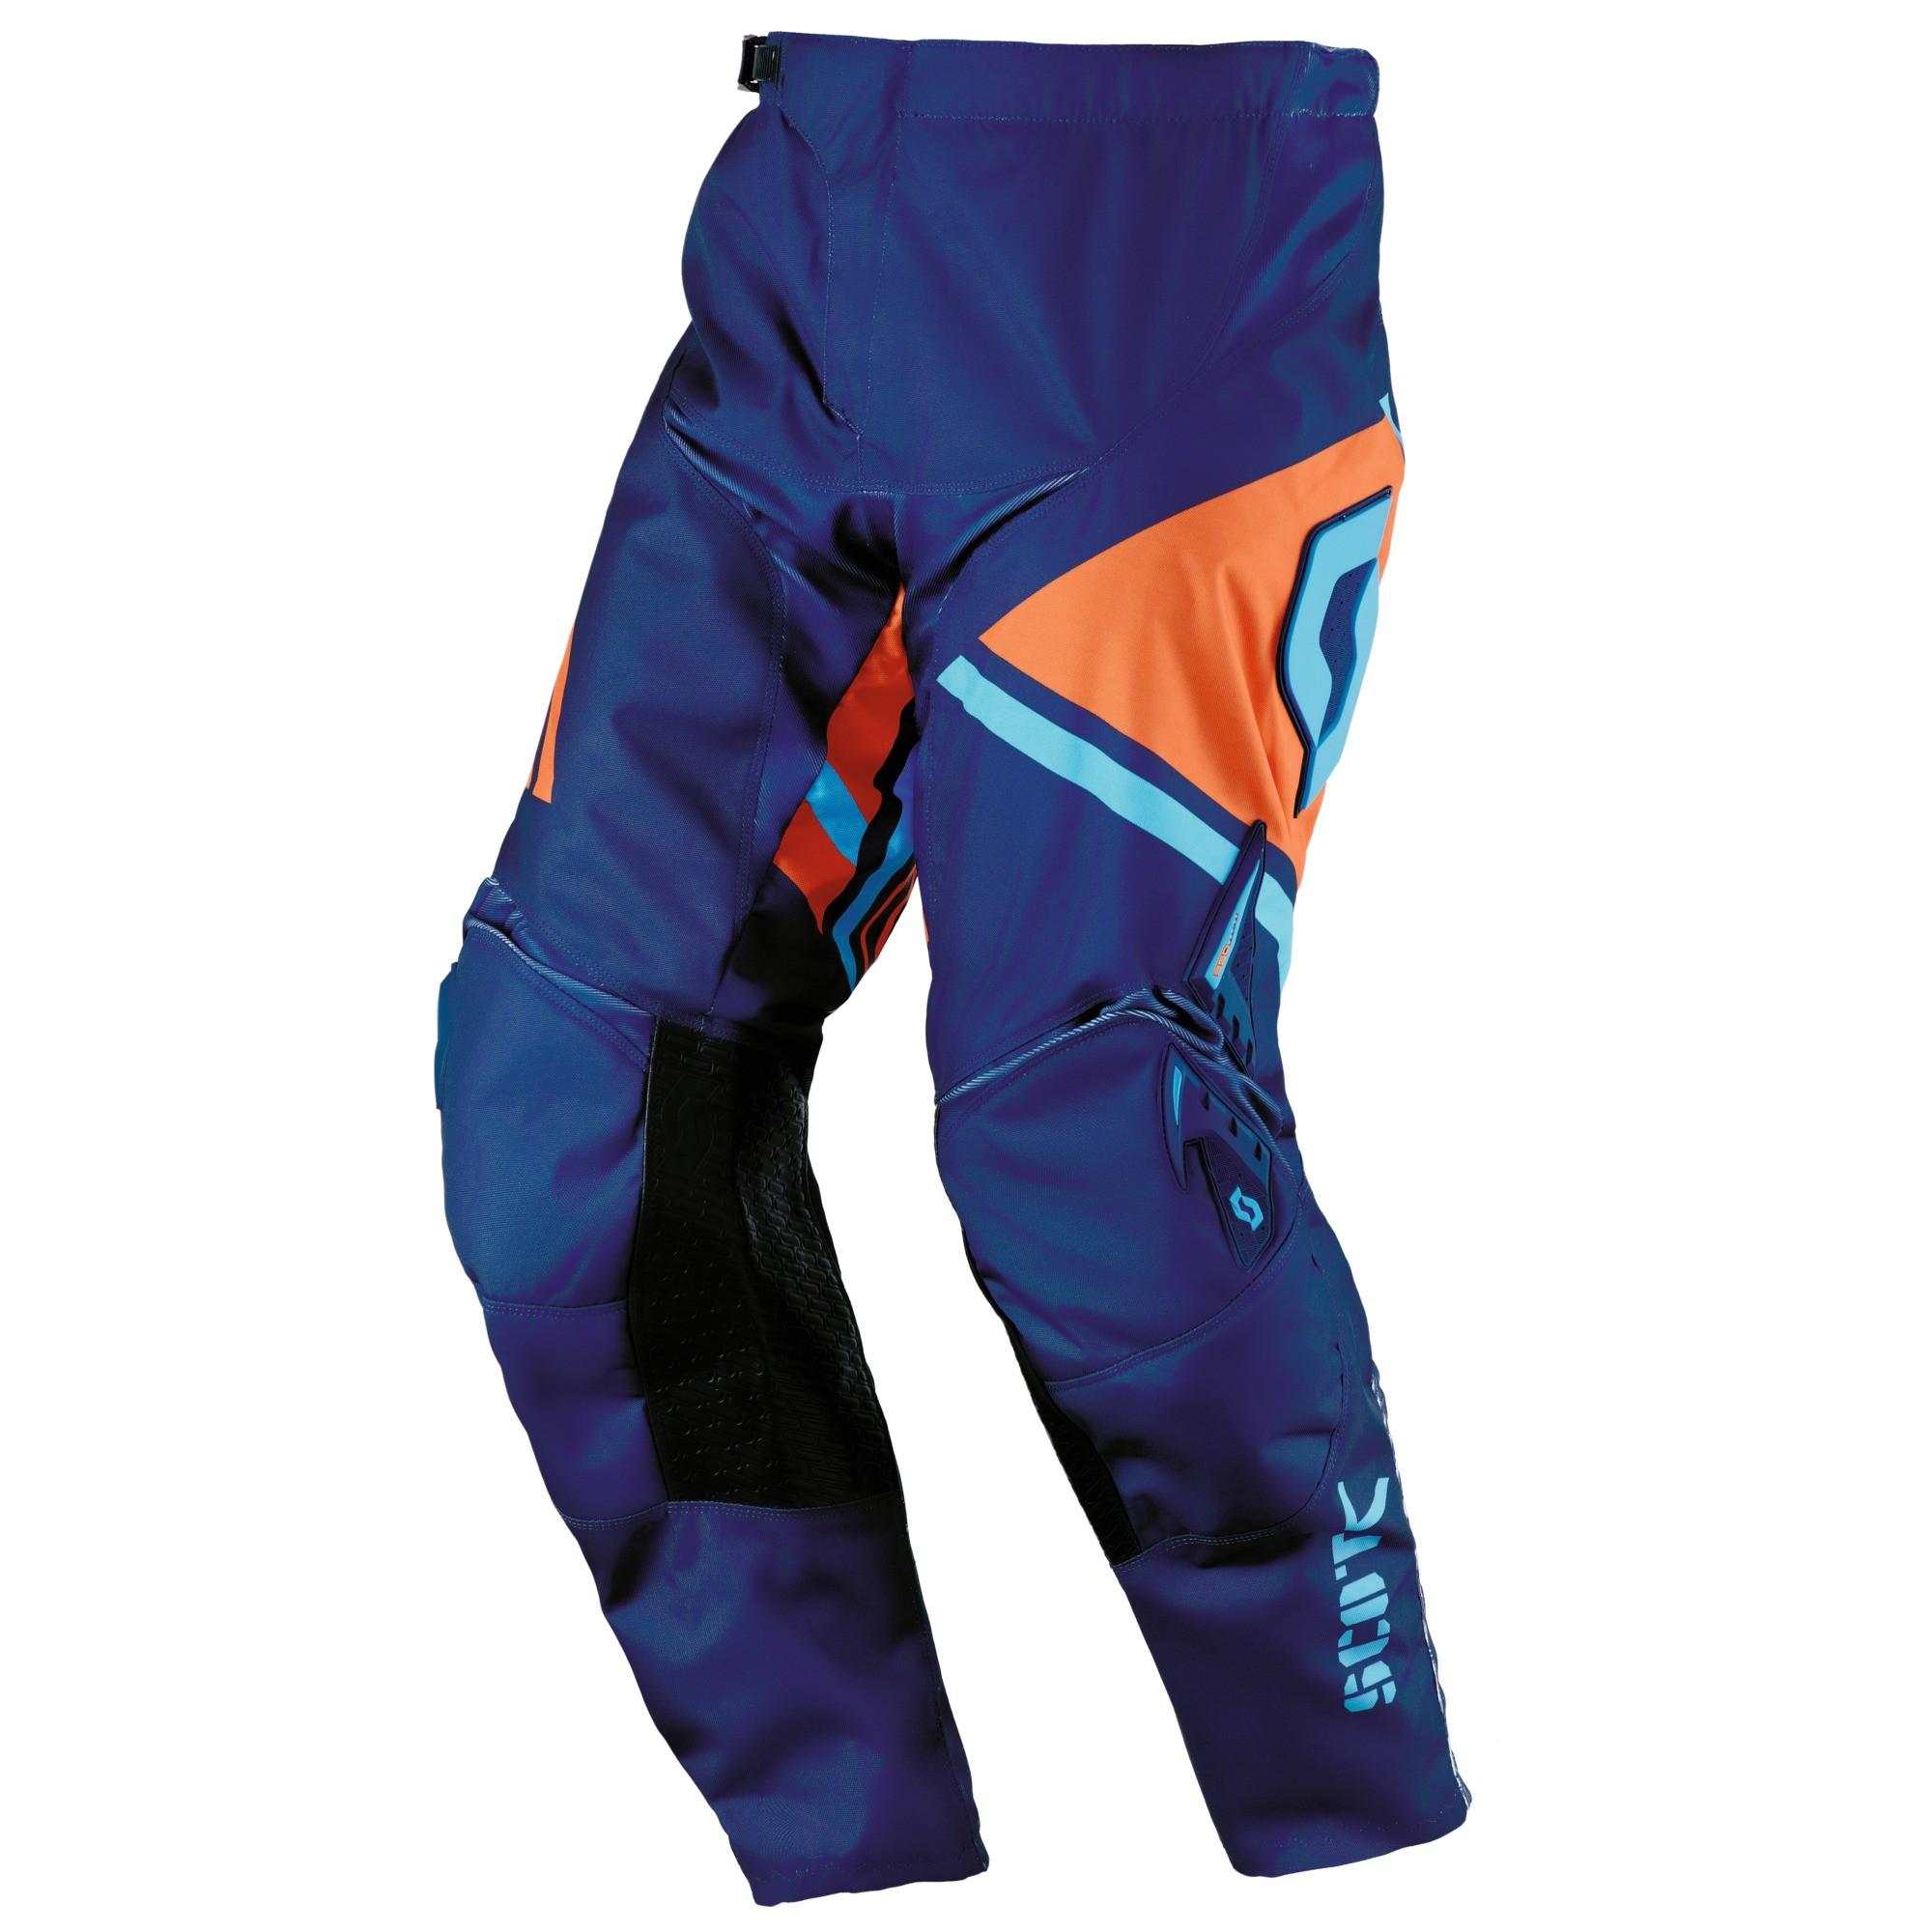 SCOTT 350 TRACK Motocross kalhoty - Bolder - Moto oblečení e8d0a64823